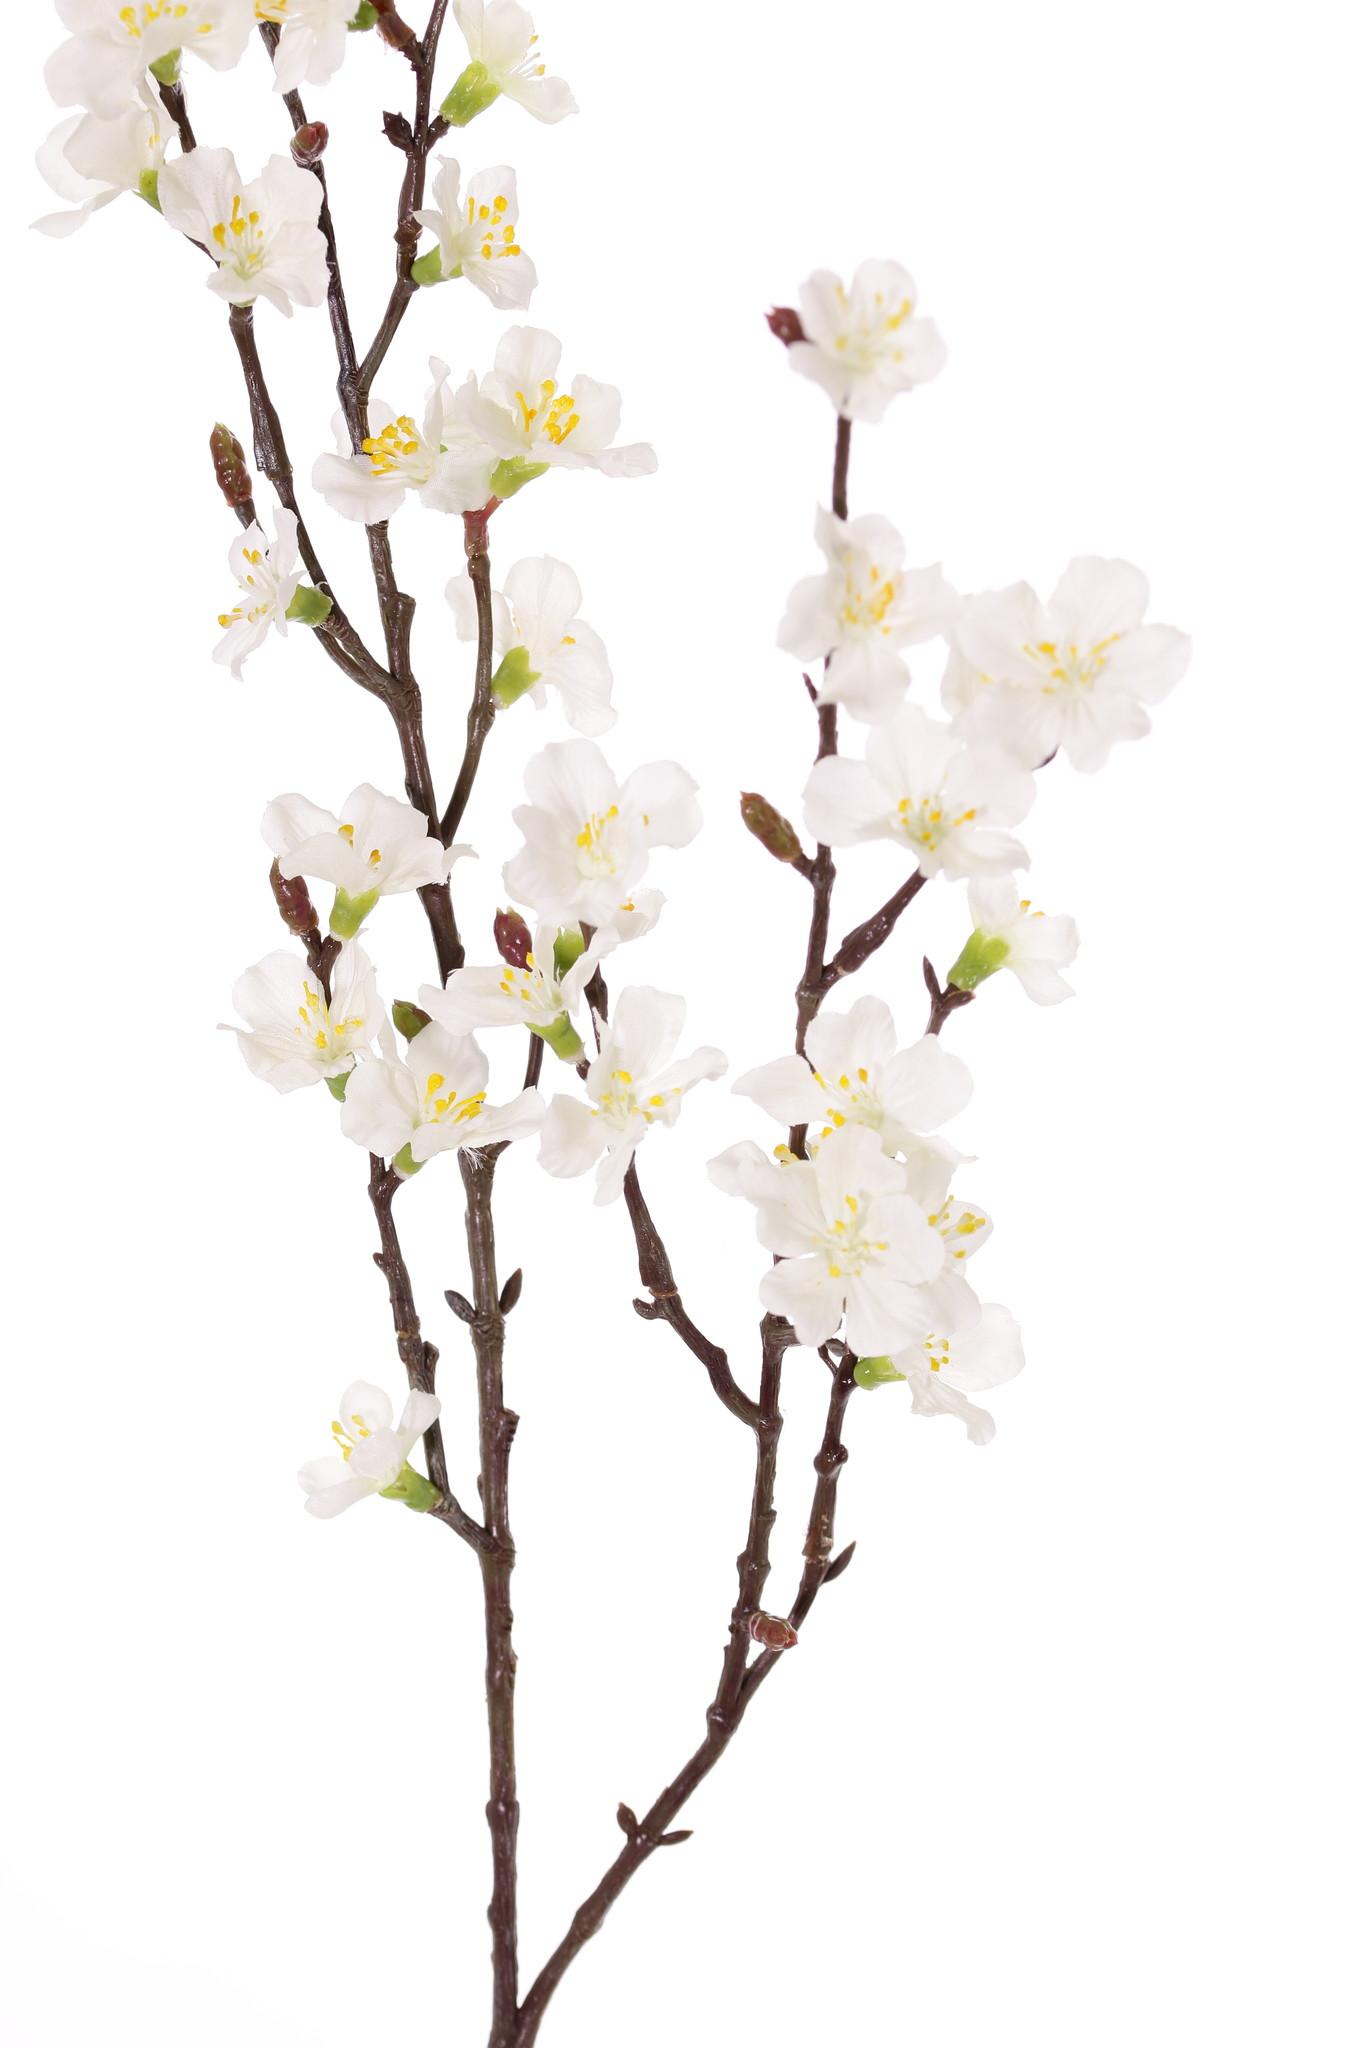 Sakura blossom branch (Prunus jamasakura), 36 flowers, 8 buds, 76cm